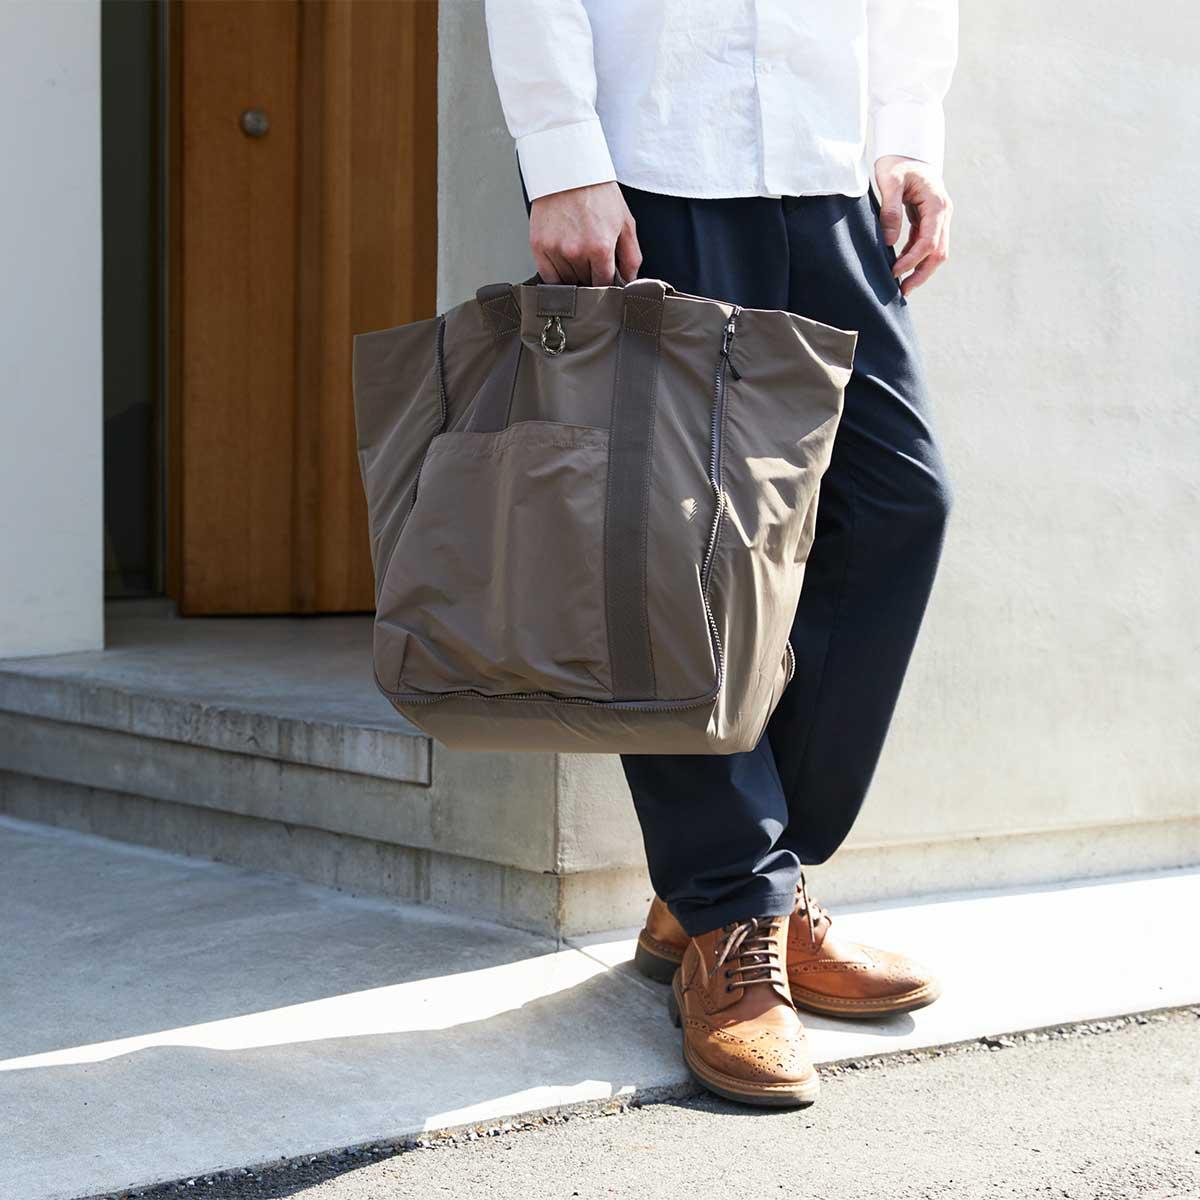 内側は抗菌防臭加工の「清潔トート」。薄型トートバッグが大容量バッグに変身するバッグ|WARPトランスフォームジッパーバッグ